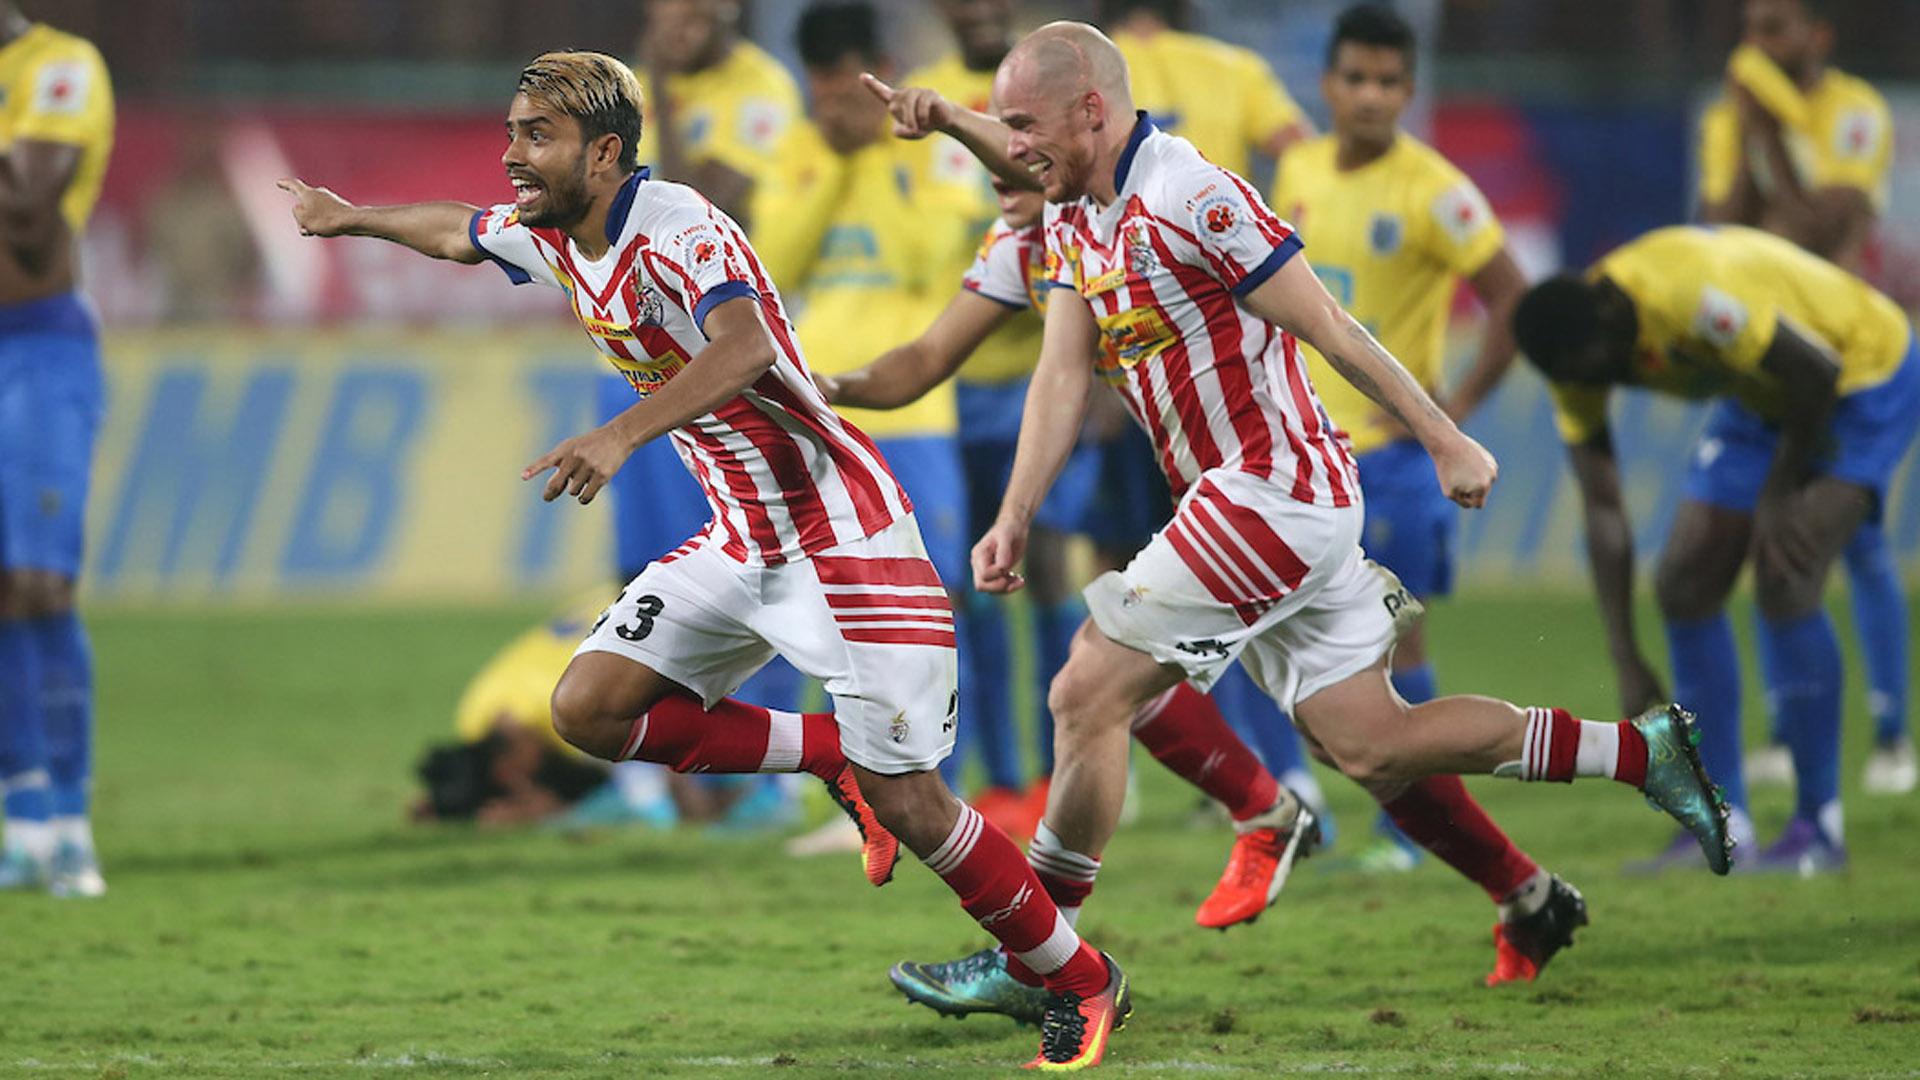 Prabir Das Iain Hume Atletico de Kolkata ISL Champions season 3 2016